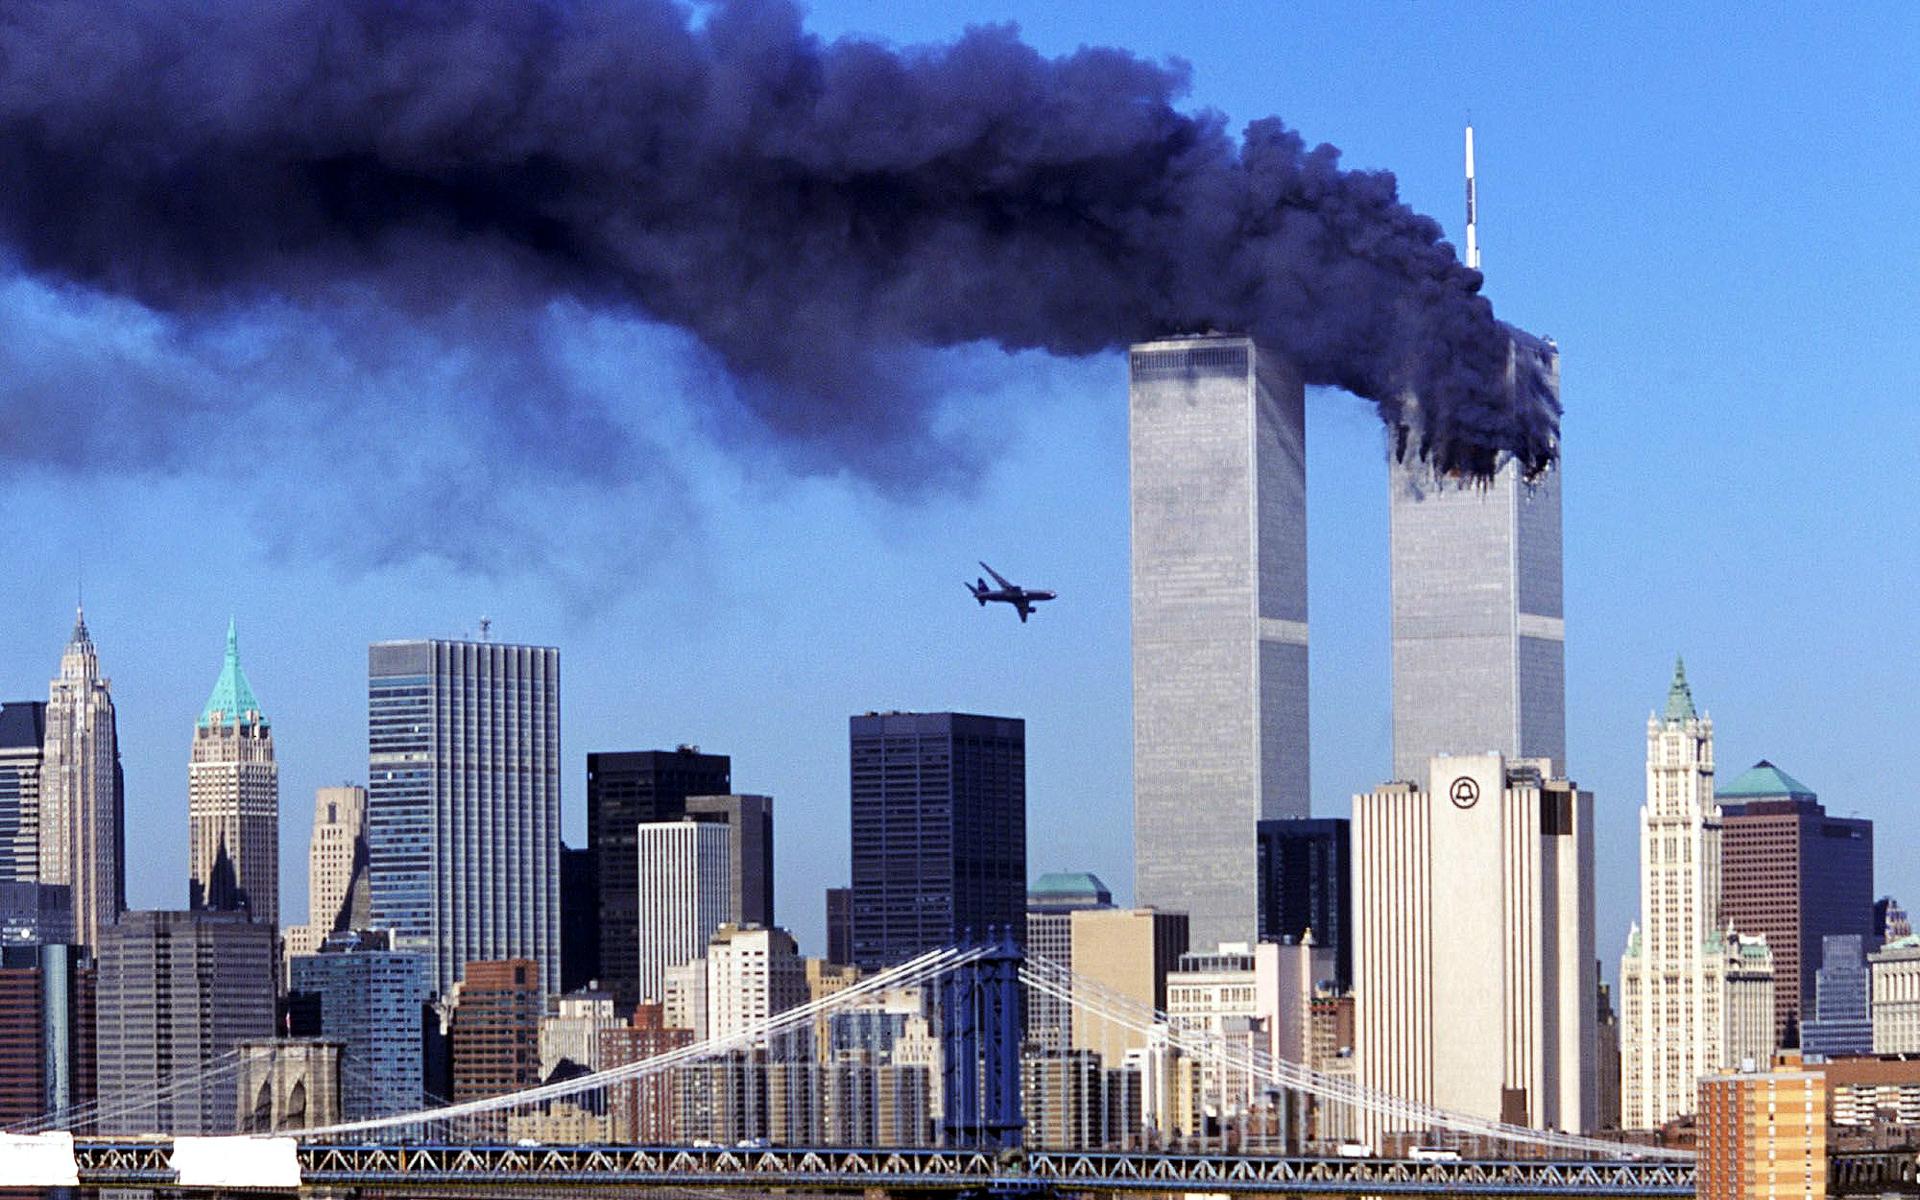 11 septembre, 17 ans, L'Amérique, l'attentat